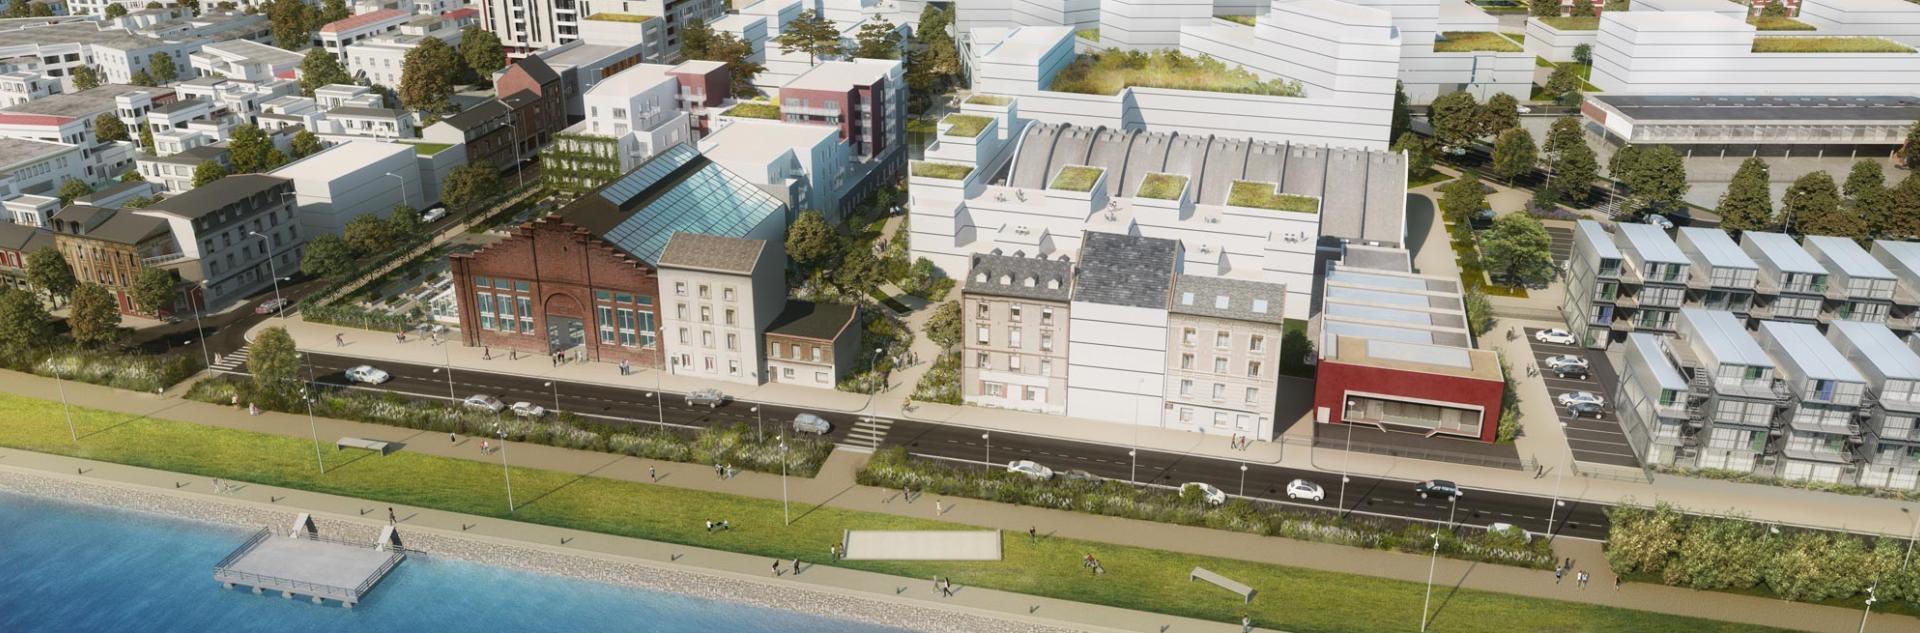 Projet de requalification du secteur Dumont d'Urville, Le Havre